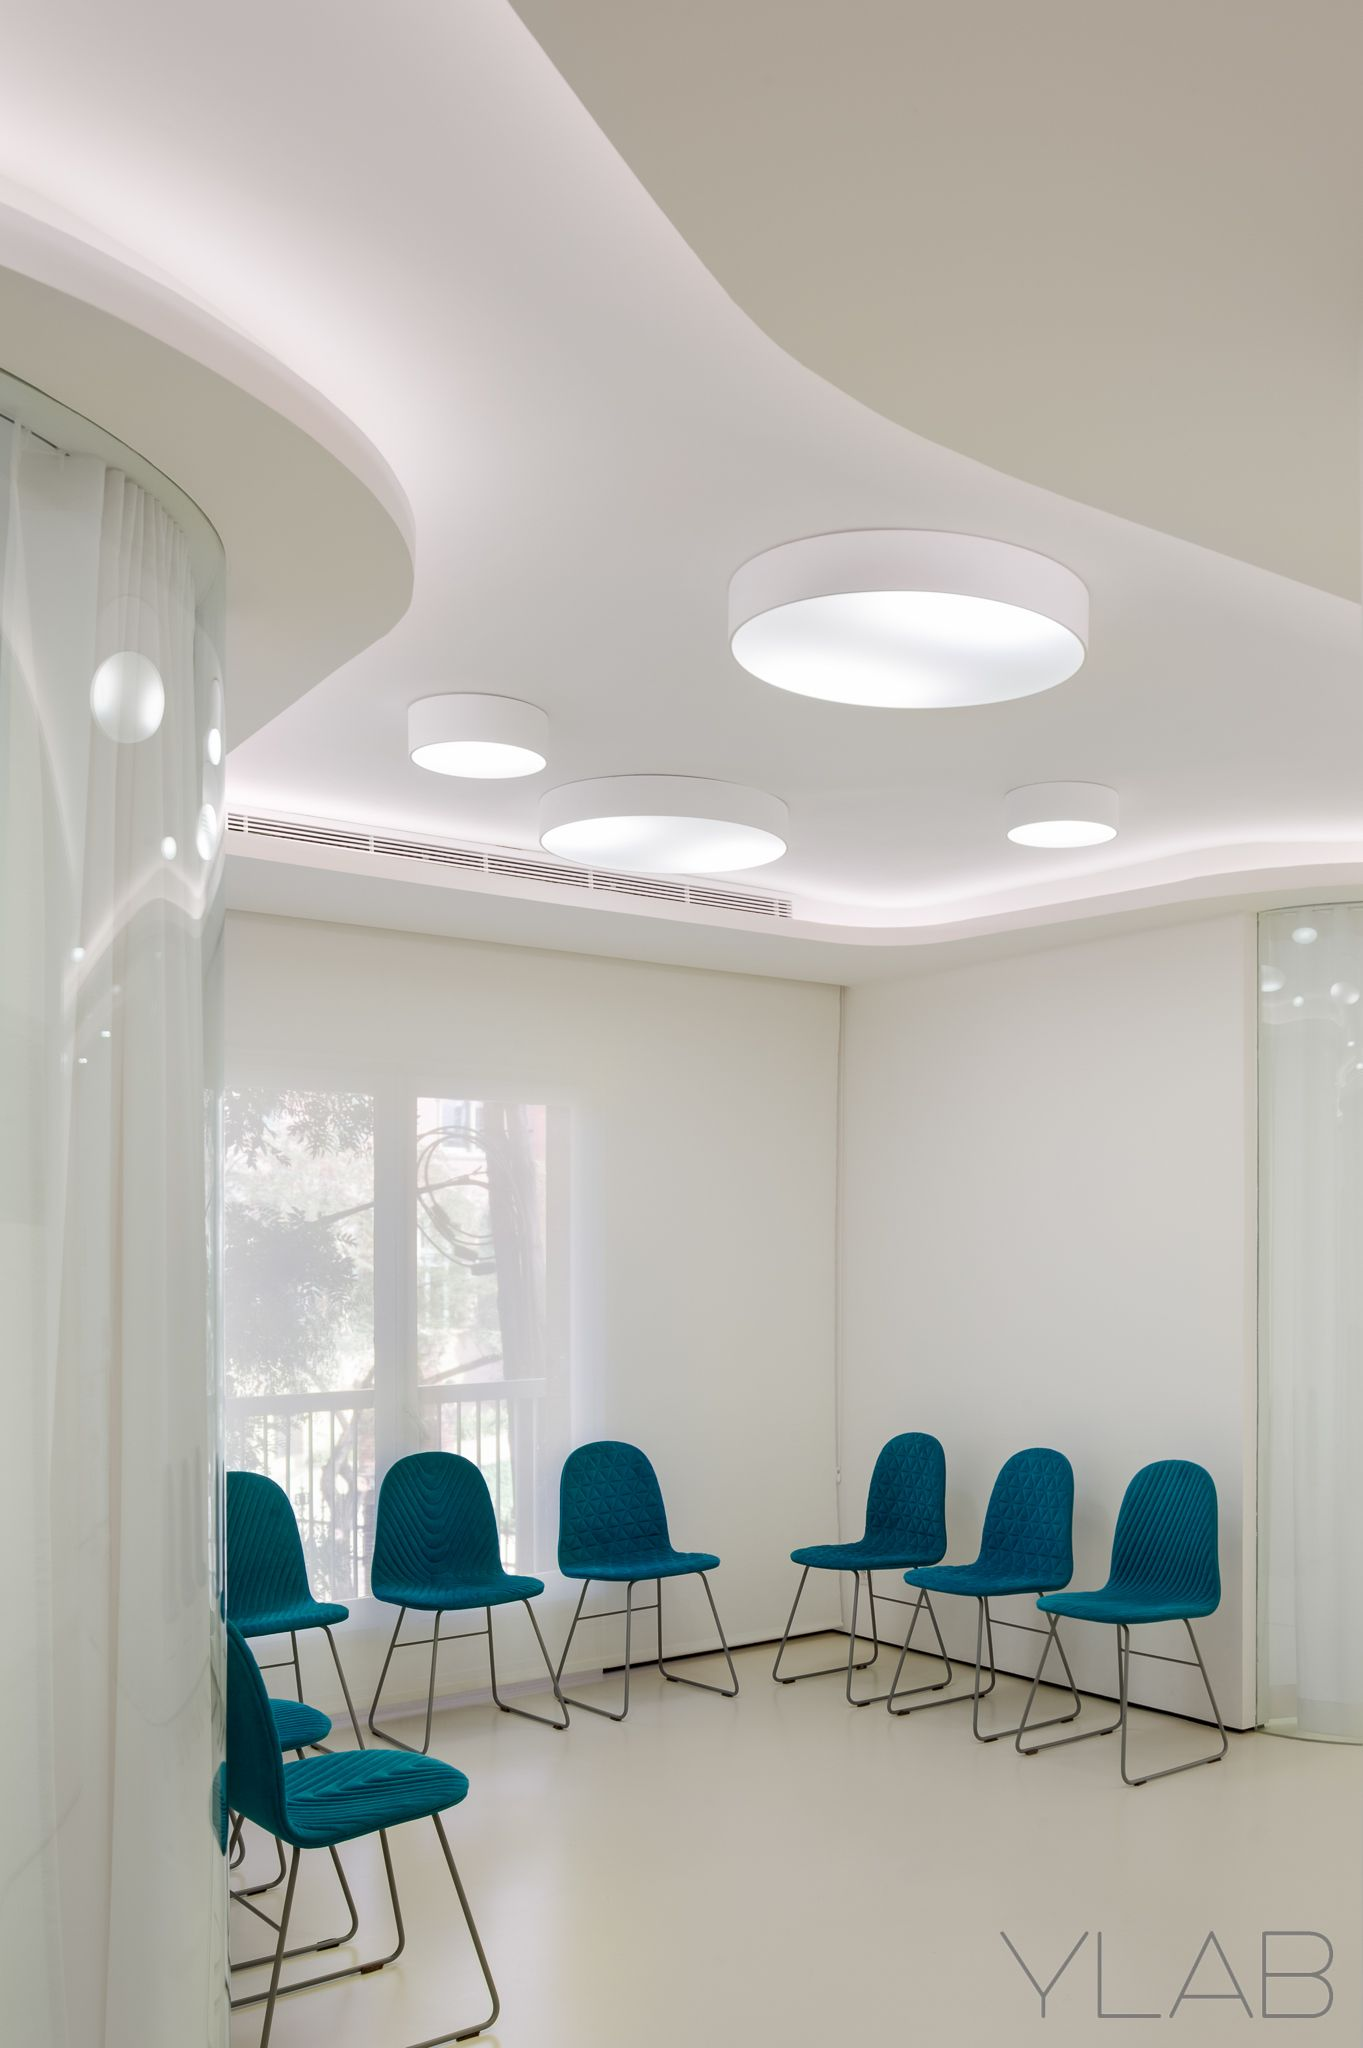 dental clinic valls u valls by ylab arquitectos barcelona